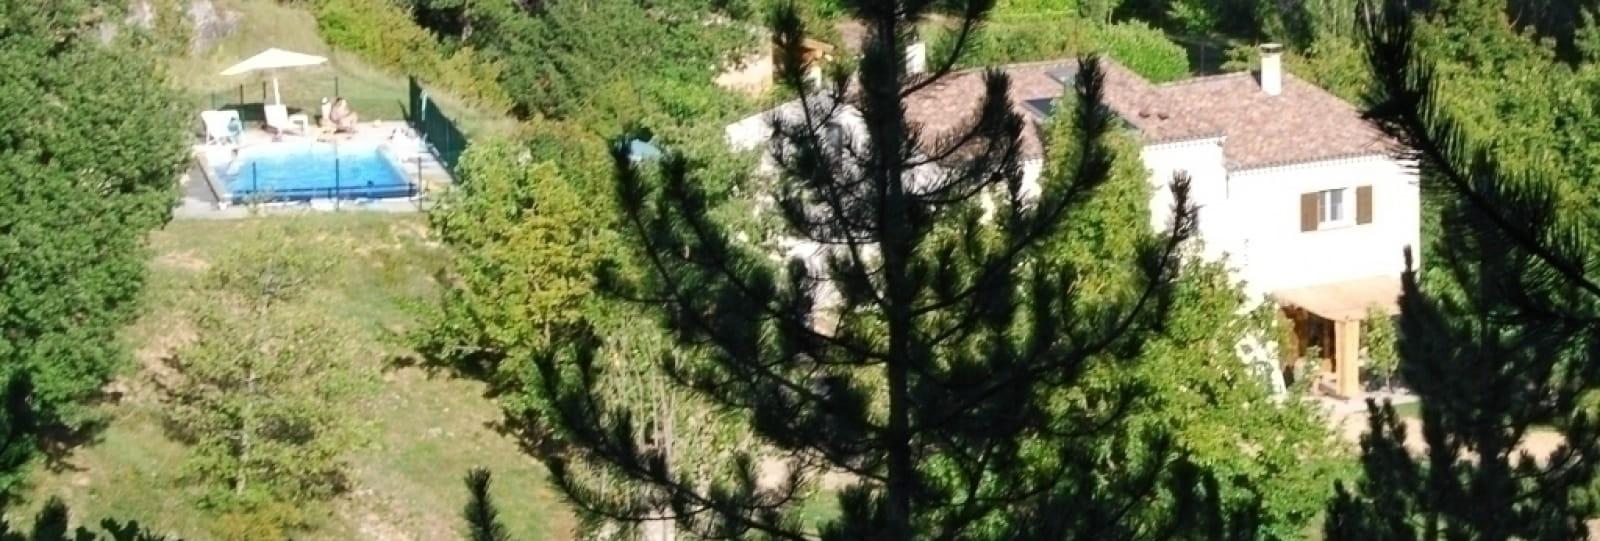 la maison vue du Nord Ouest, la terrasse du gite est en bas à droite